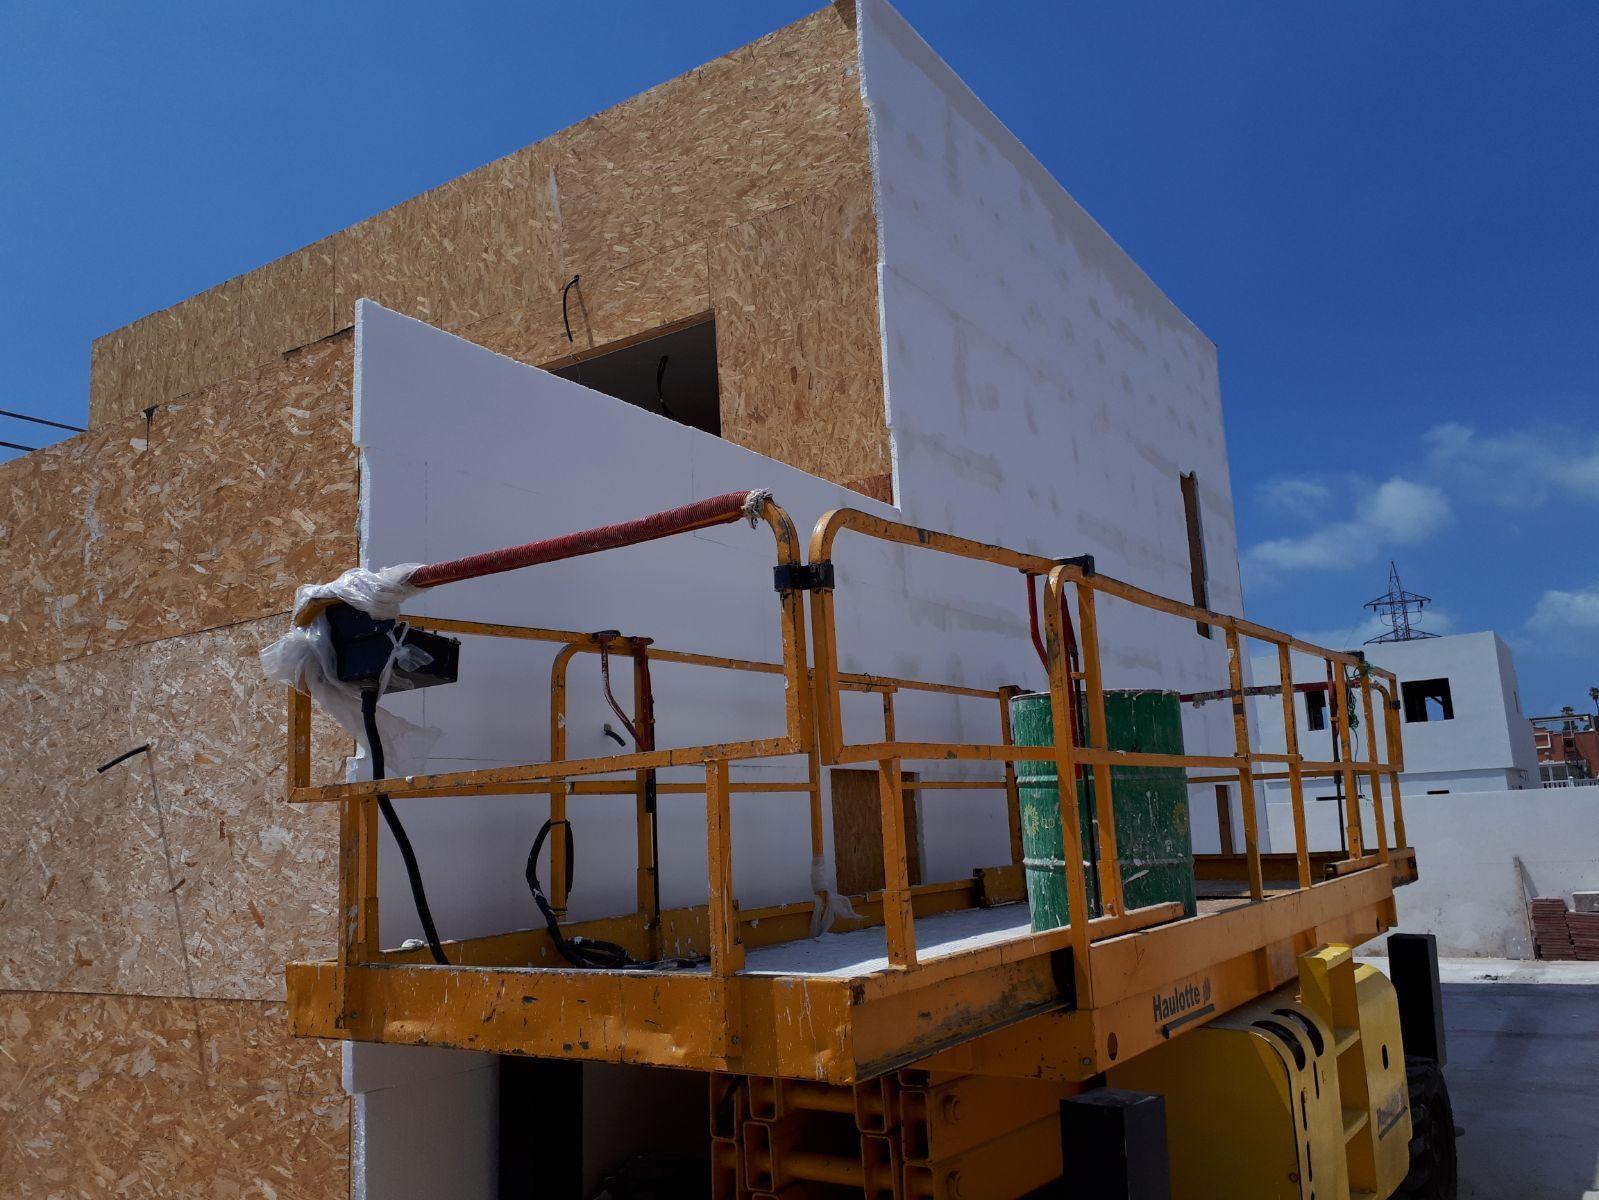 Alquiler de maquinaria: Servicios de JHL Construcciones Canarias